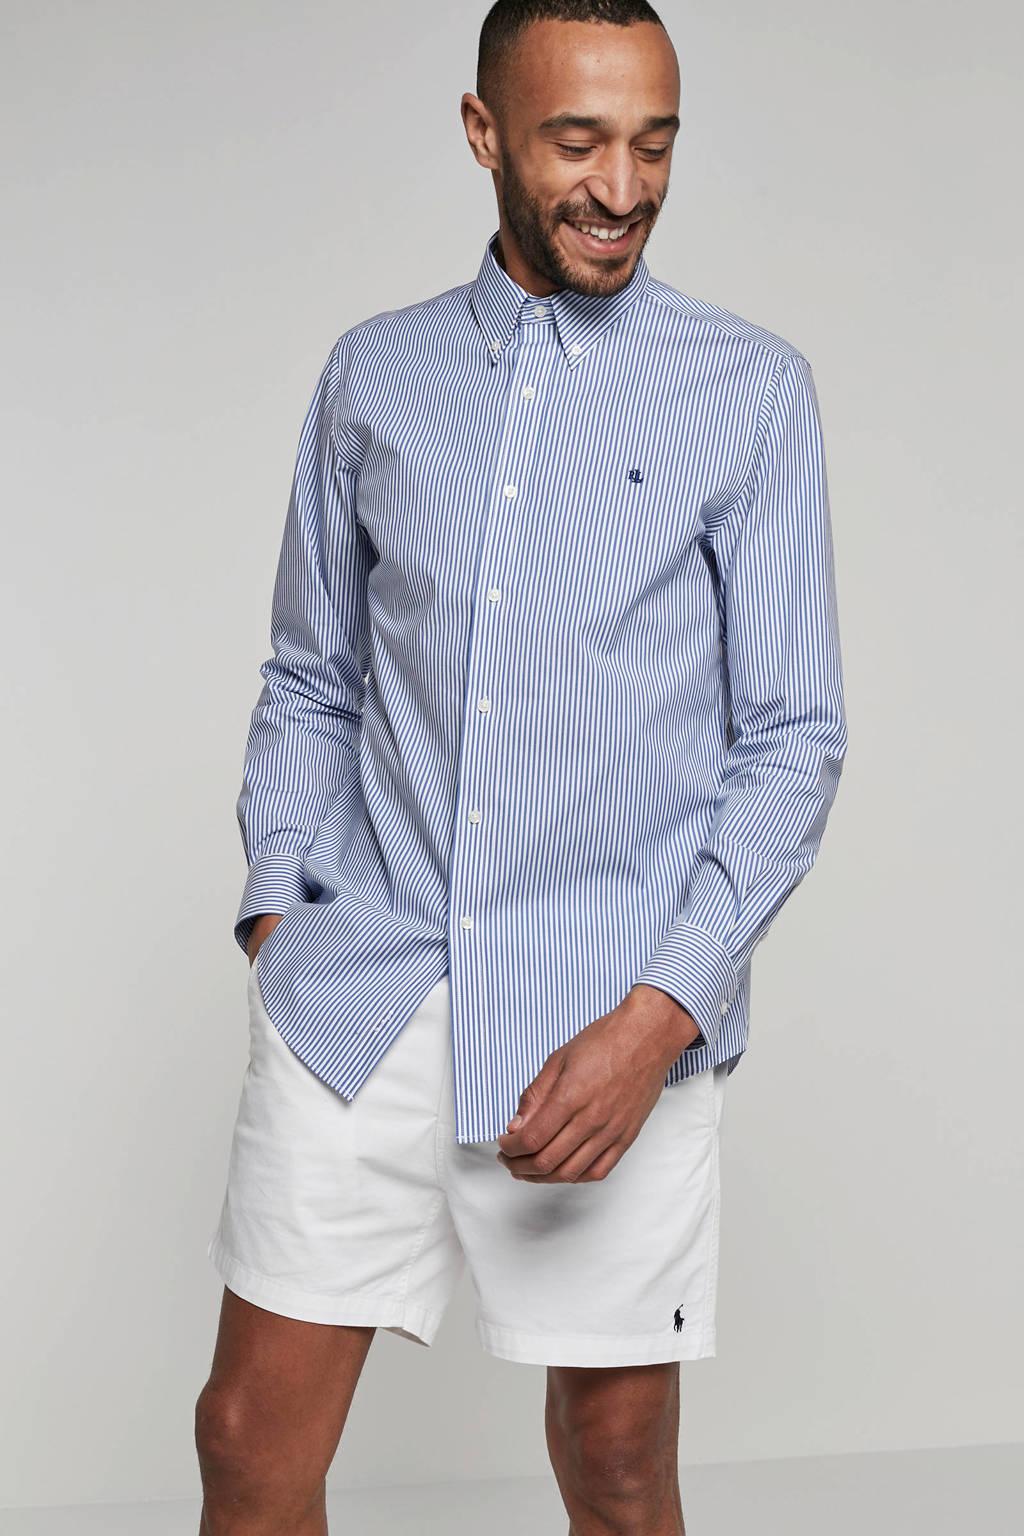 POLO Ralph Lauren gestreept regular fit overhemd blauw, Blauw/wit